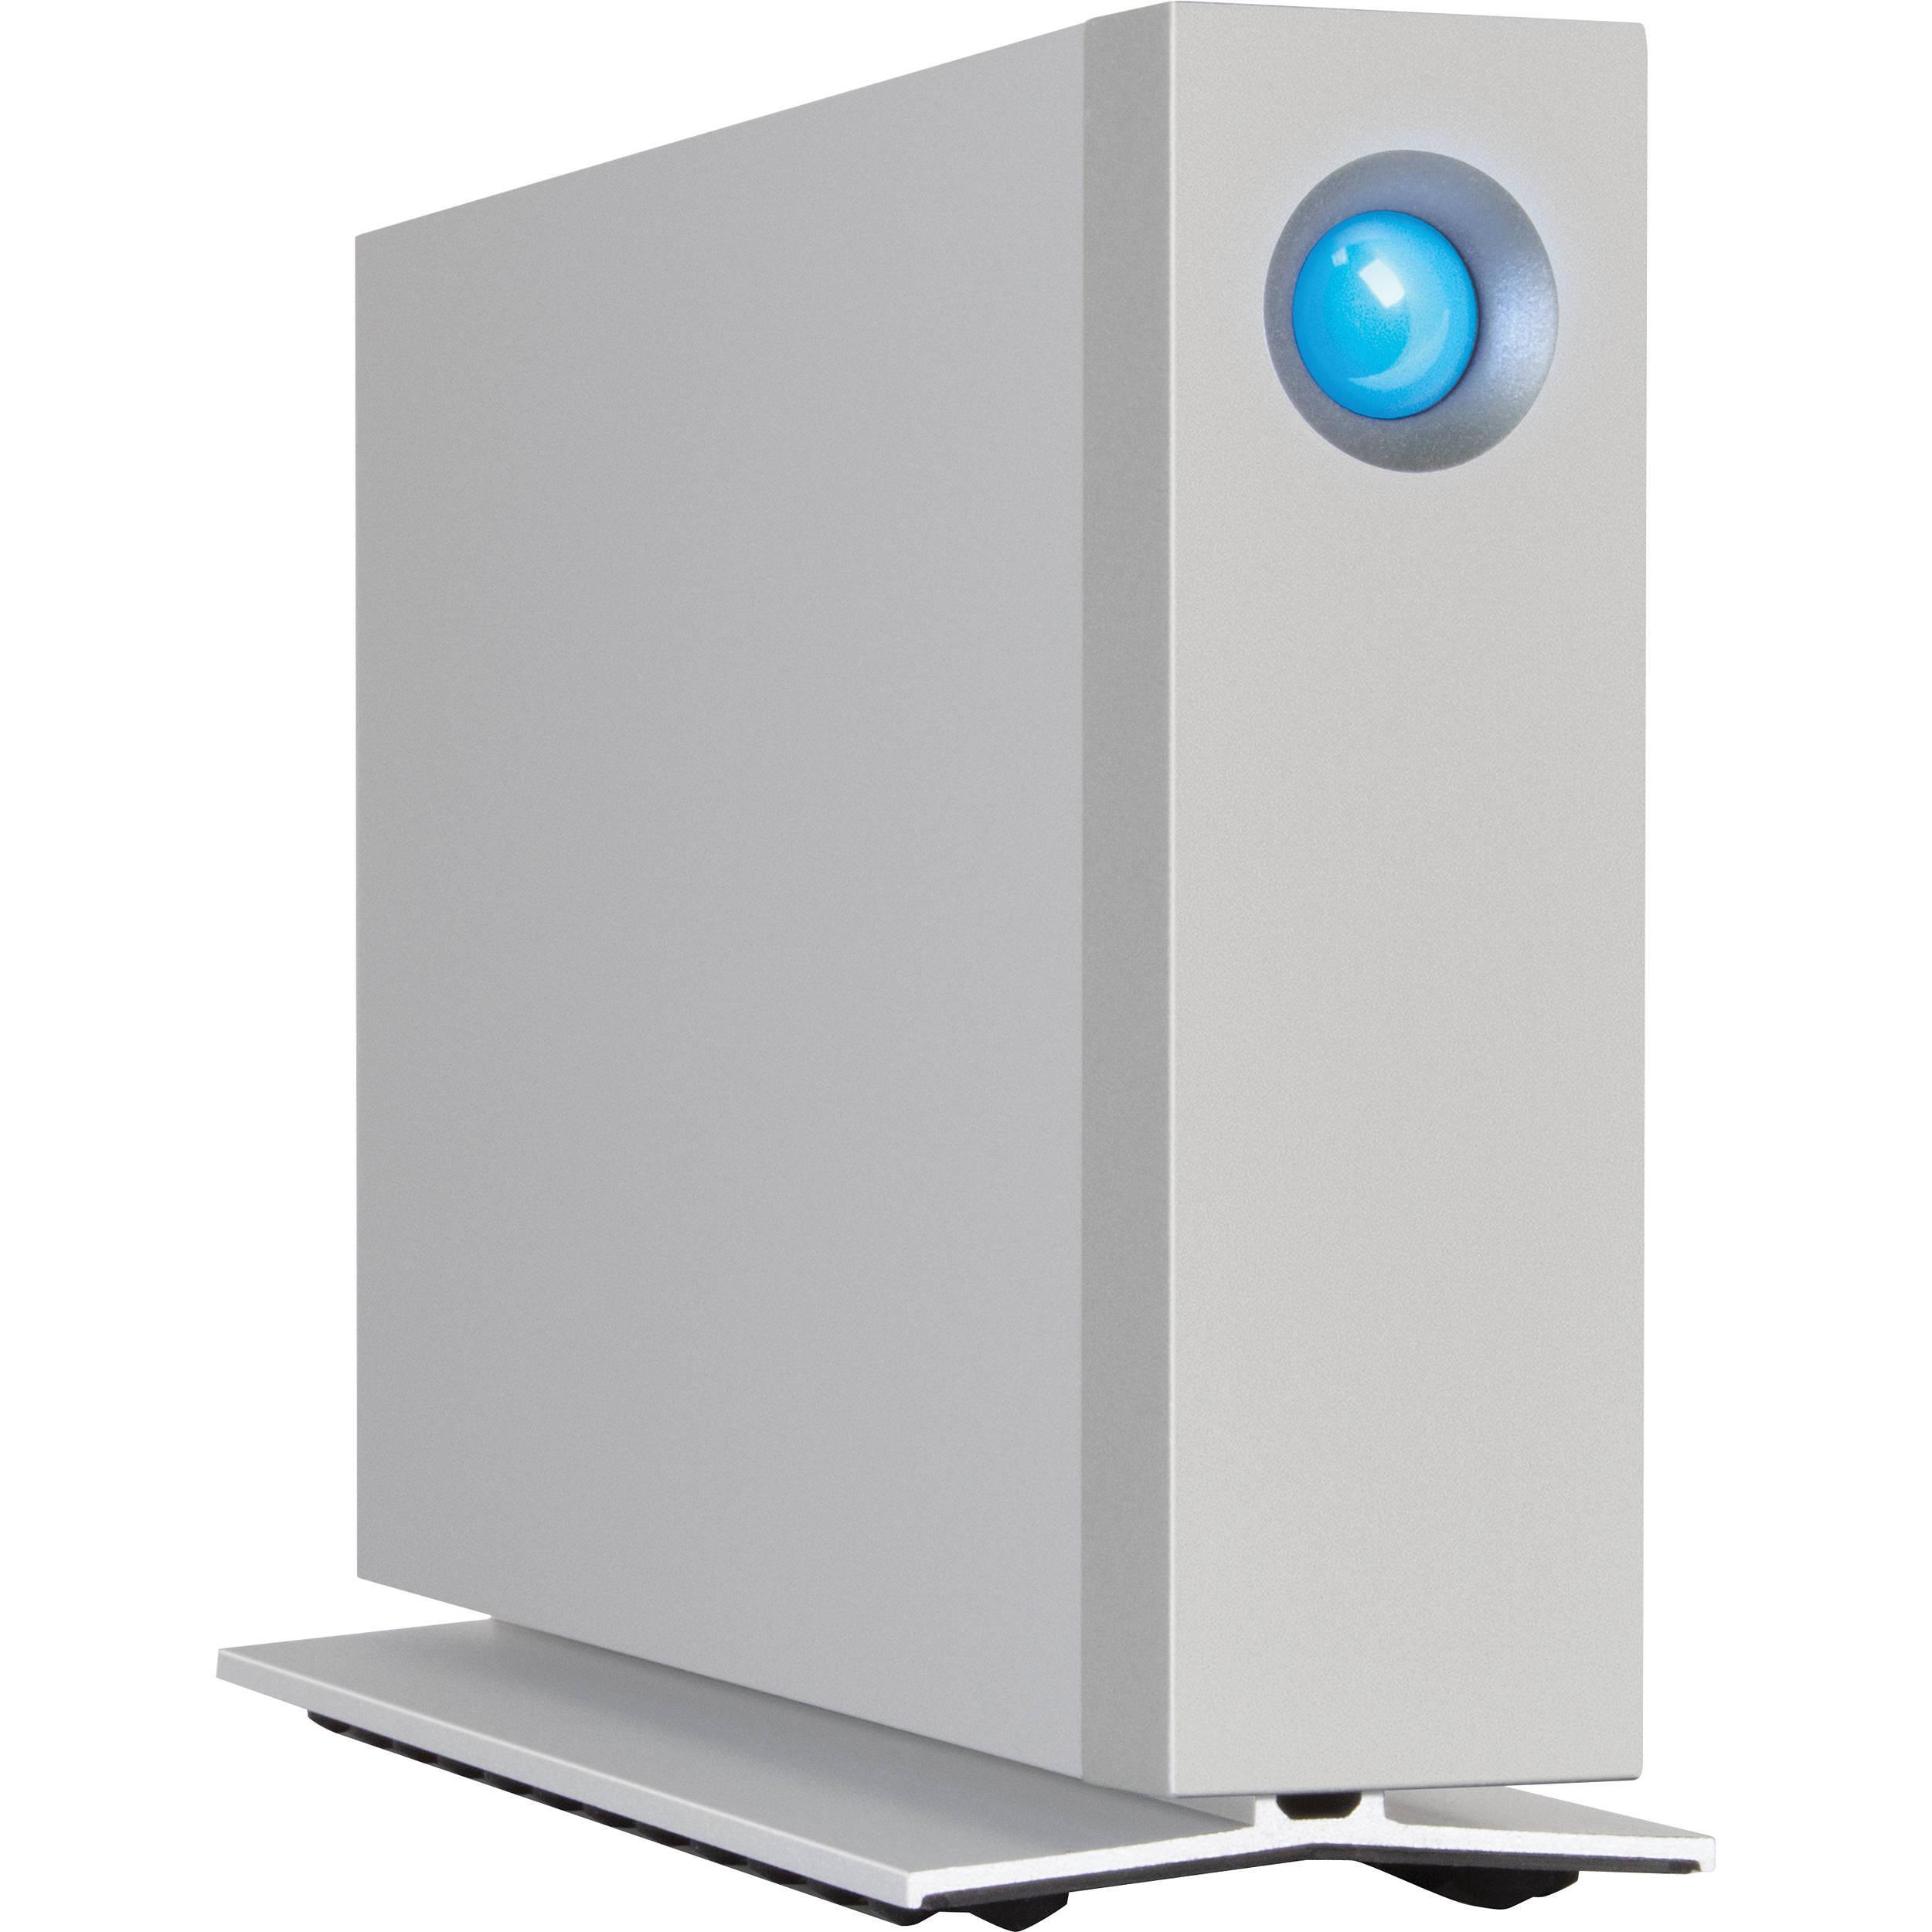 Lacie 3tb D2 Thunderbolt 2 Desktop Hard Drive Stex3000100 B H